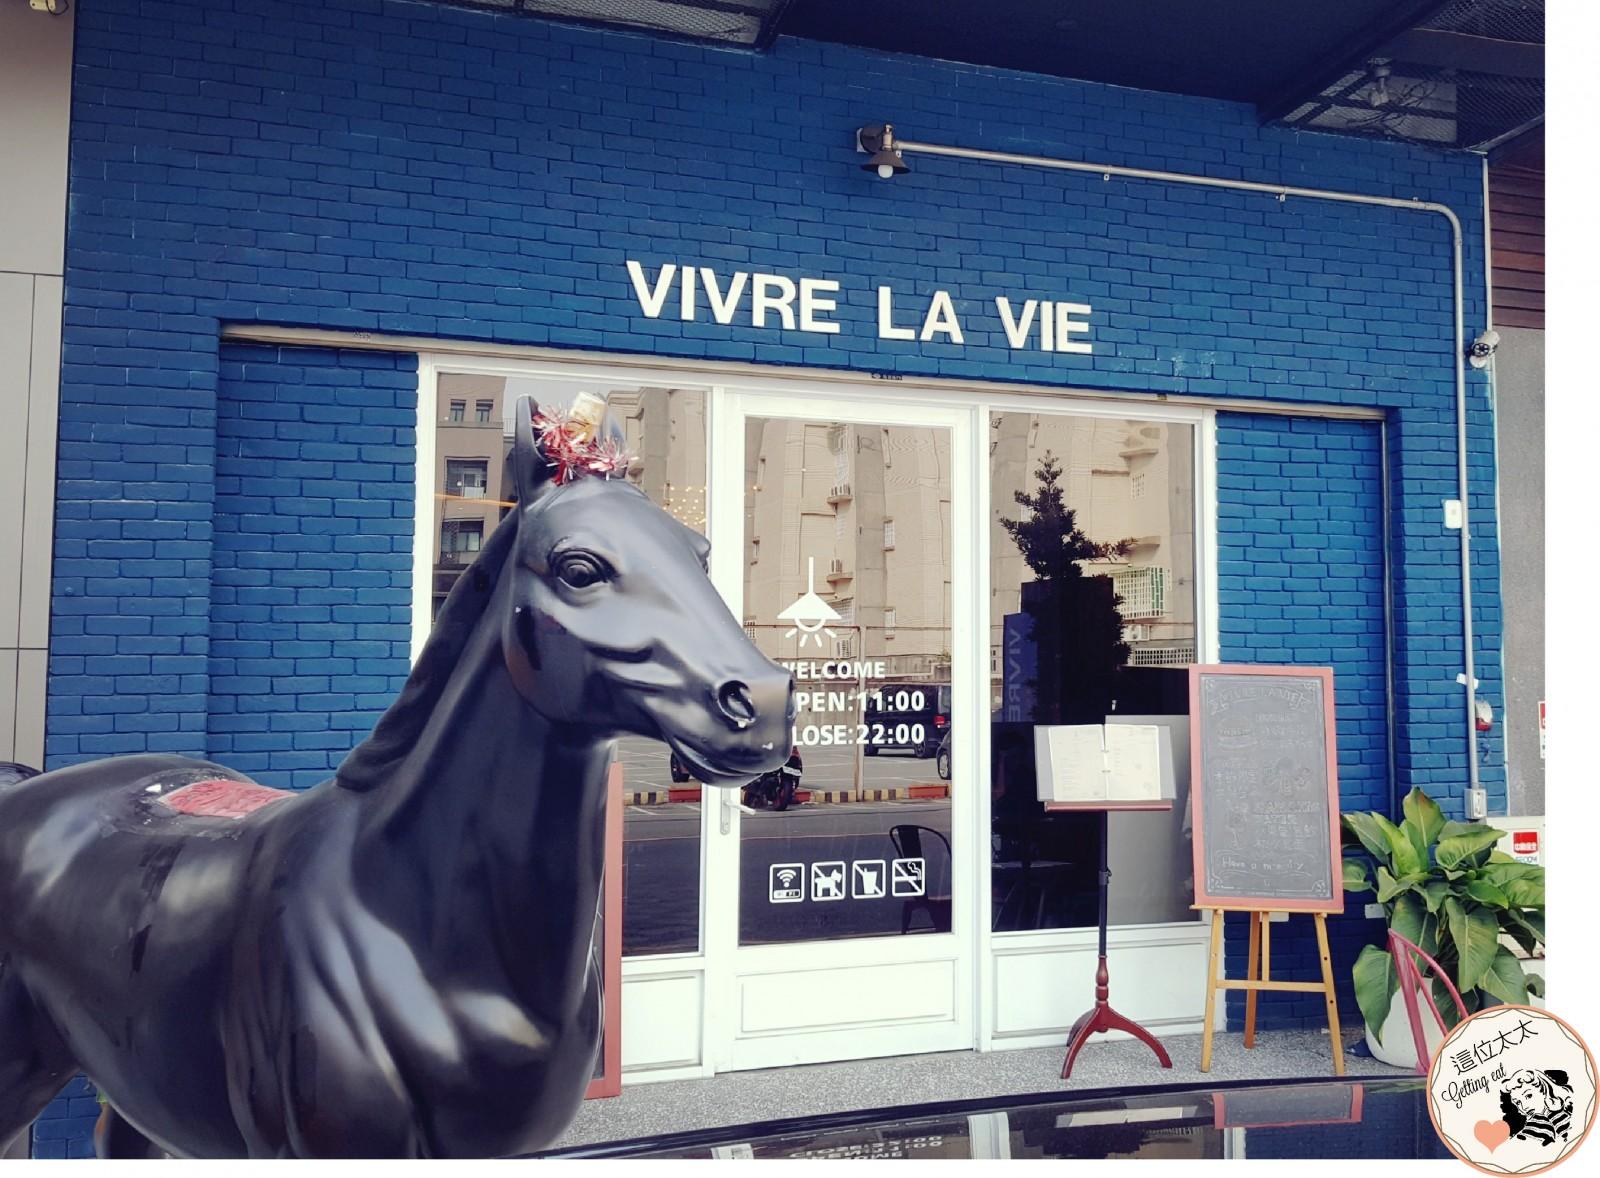 鳳山文山特區氣質派優雅餐廳Viver La Vie,分子料理精緻美食,約會聚餐好去處